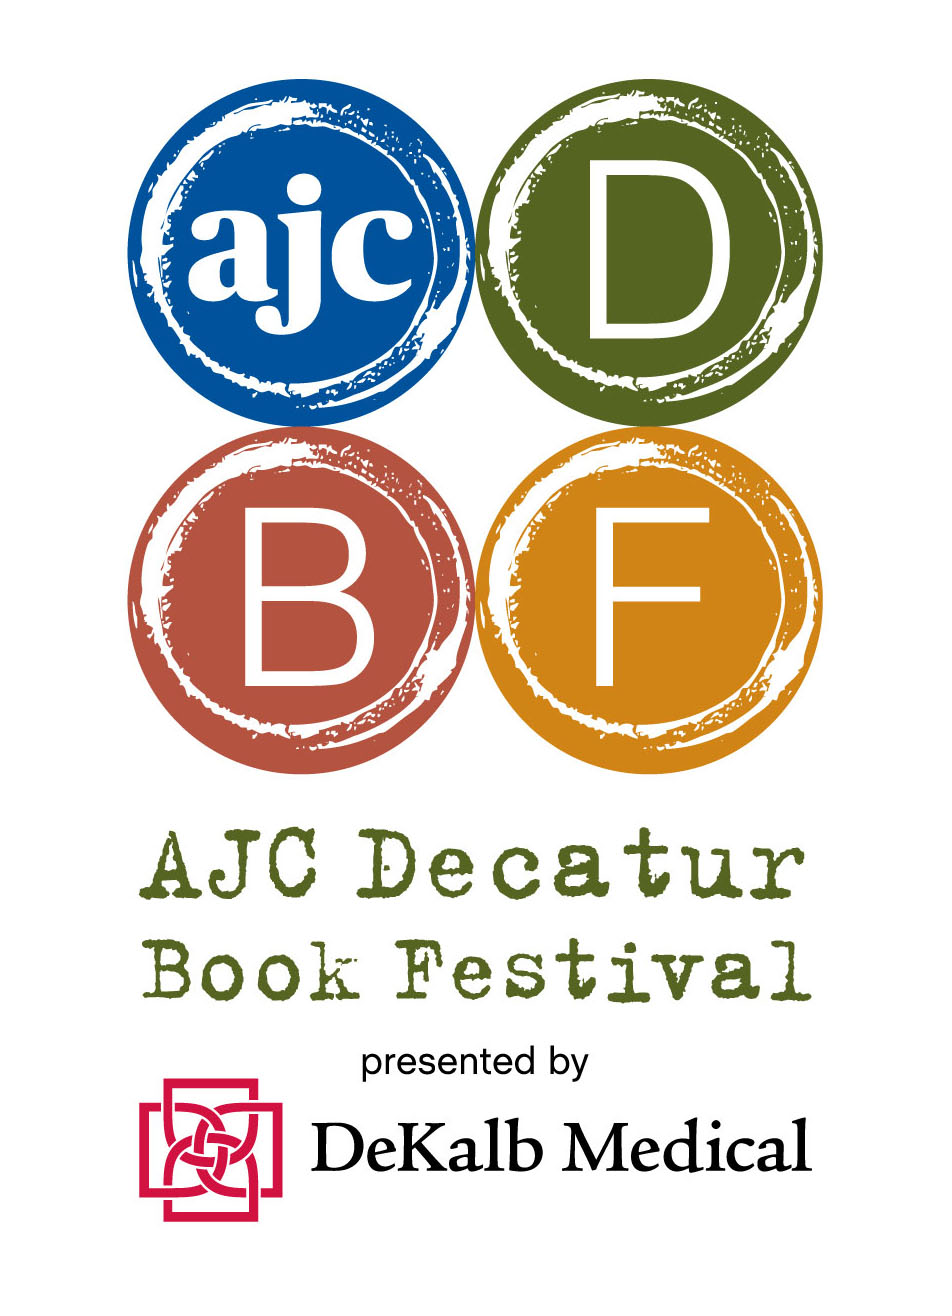 decatur-book-festival-2015